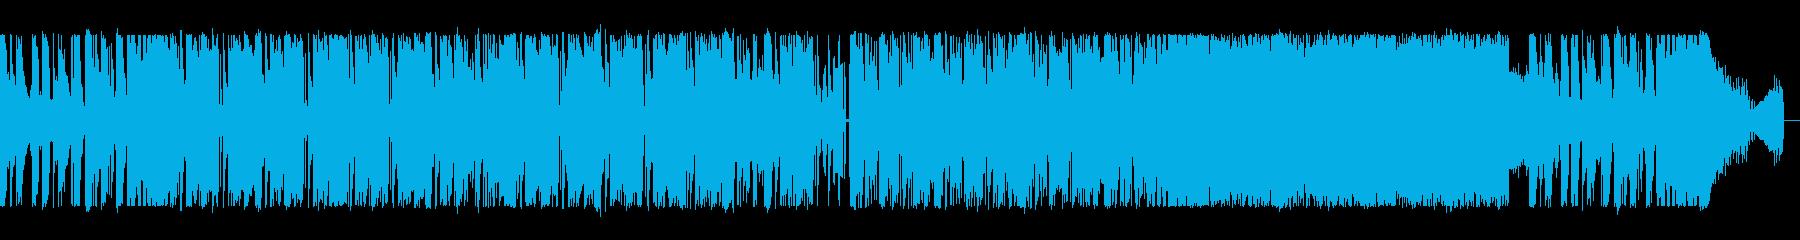 ギターとシンセサイザーのハードロックの再生済みの波形